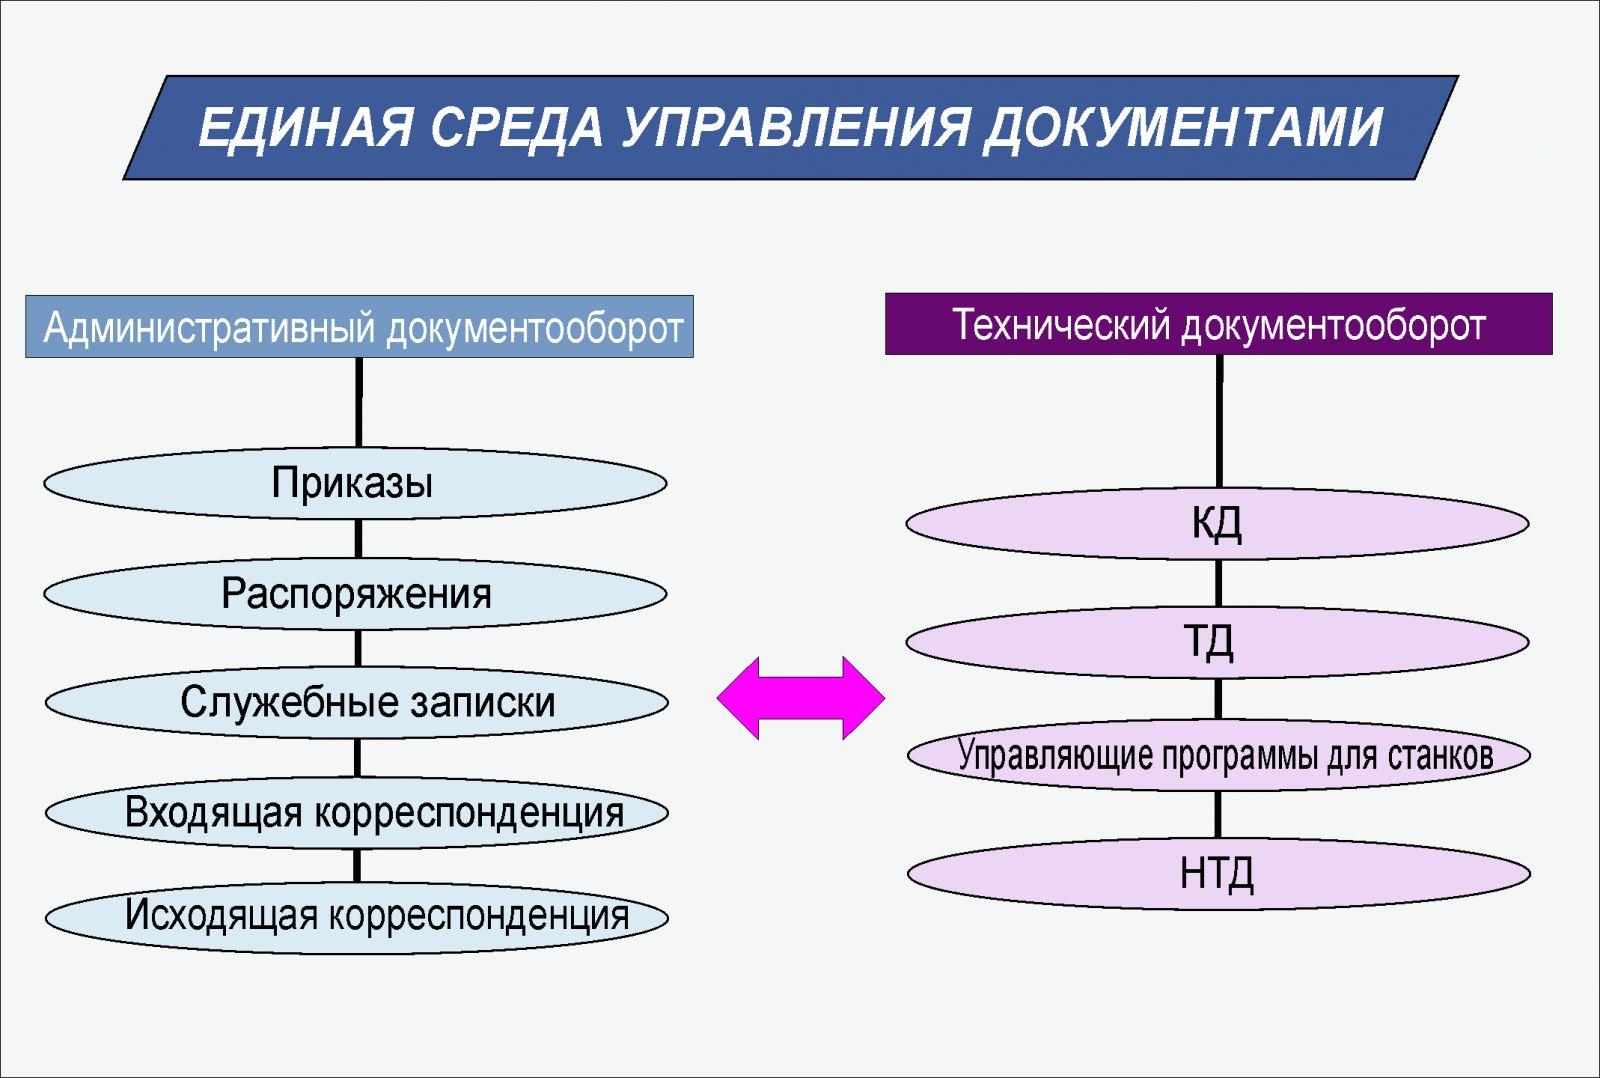 Схема кадрового документооборота в организации